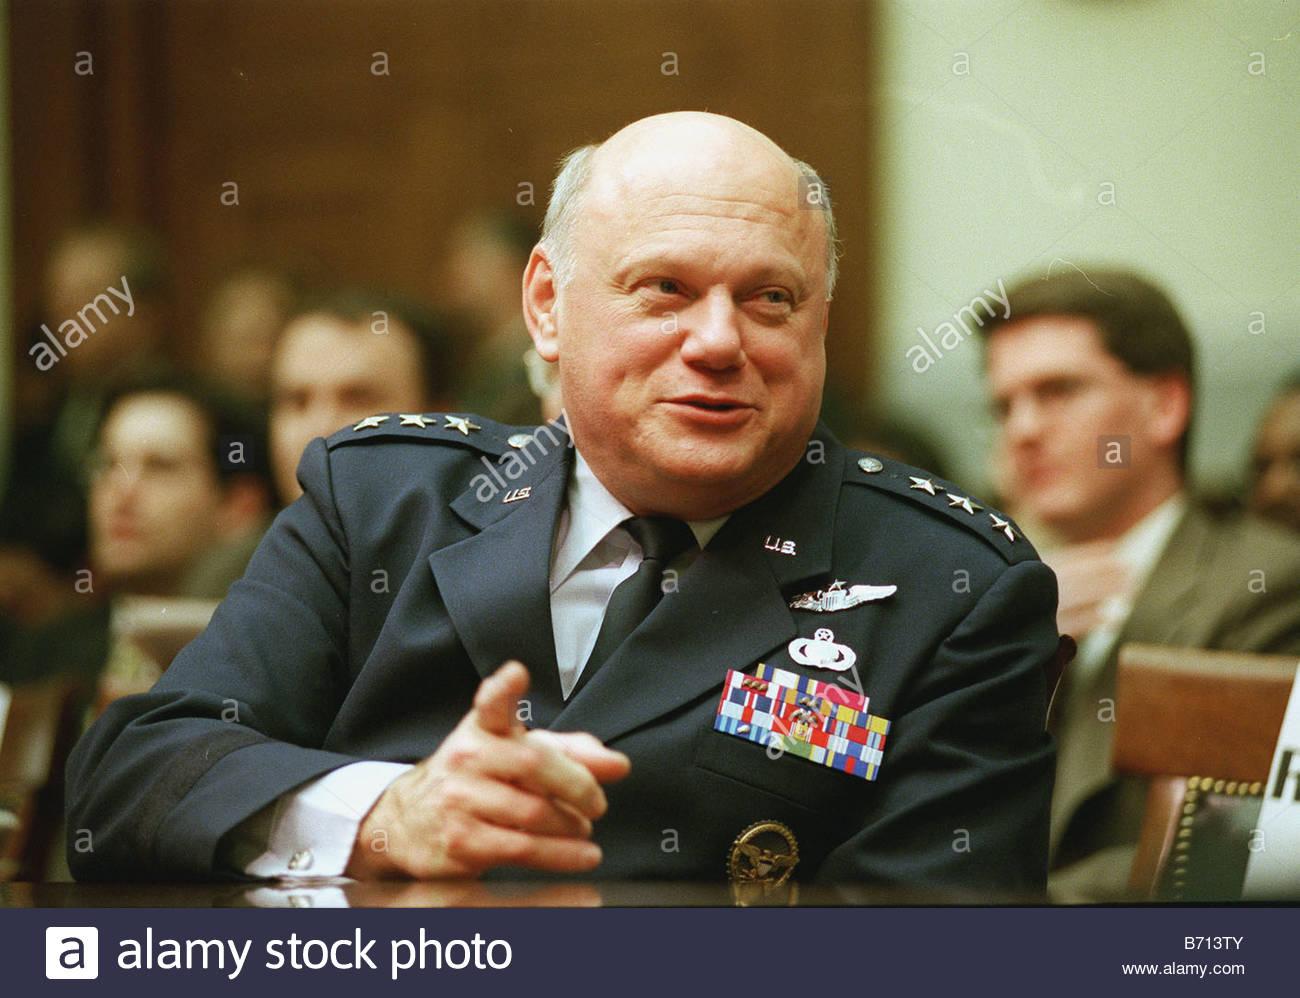 2 16 00 MISSILE DEFENCE PROGRAMS Lt Gen Robert T Kadish director Ballistic Missile Defence Organization during his - Stock Image